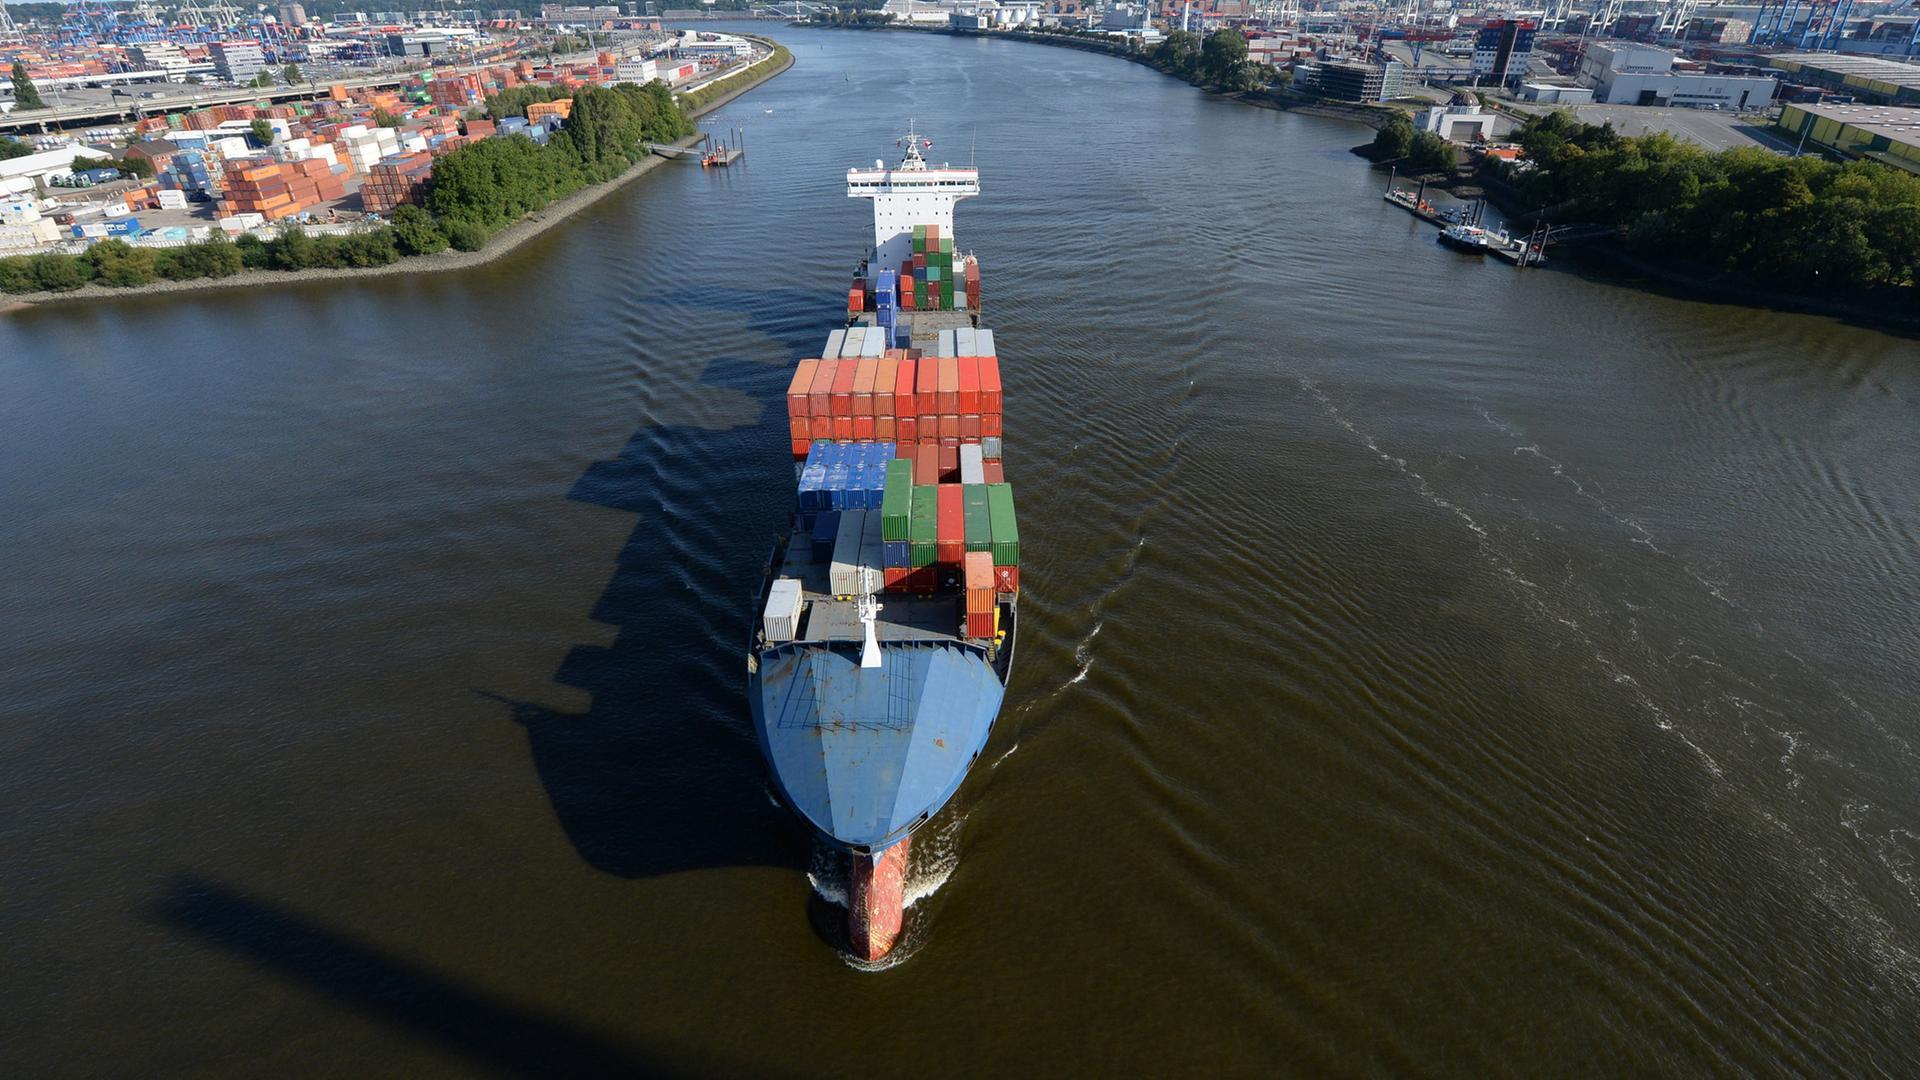 Containerfrachter fährt im Hamburger Hafen auf der Elbe.